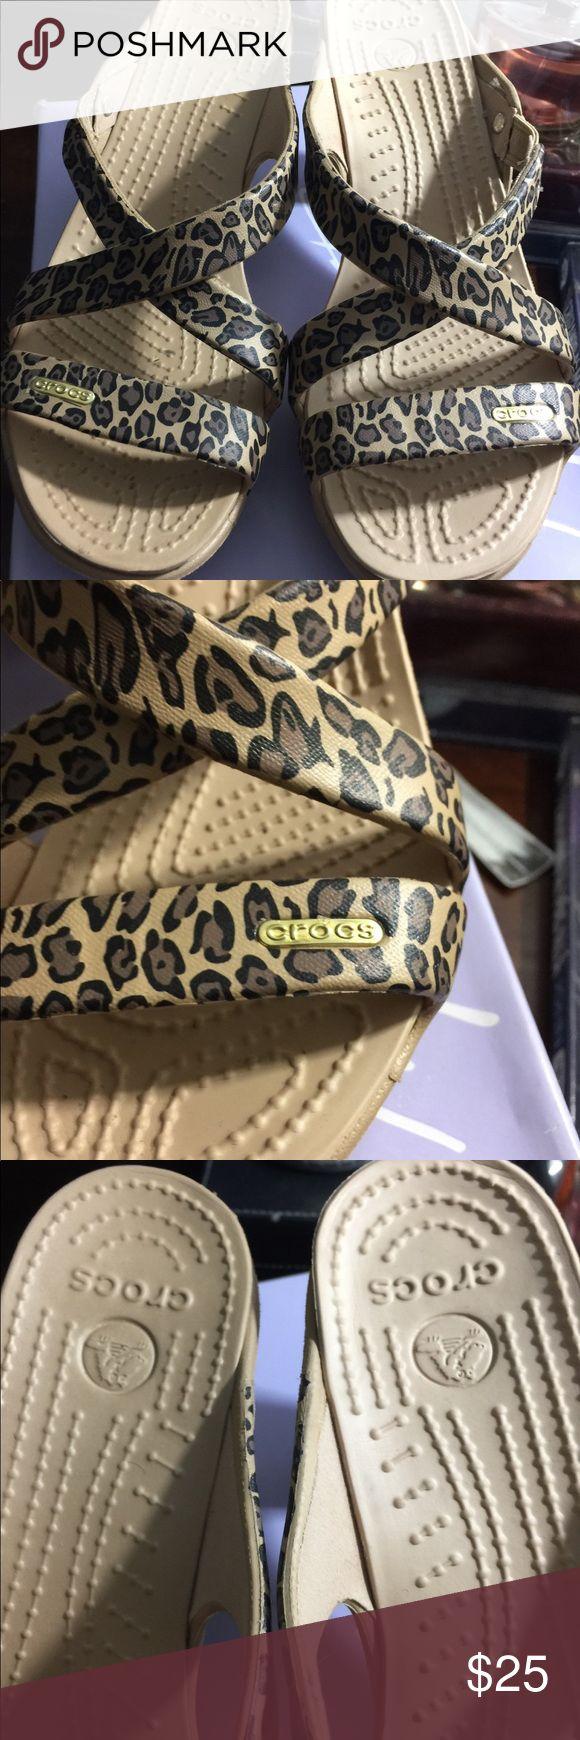 Crocs Cyprus Leopard heels size 8 Leopard heels, Crocs